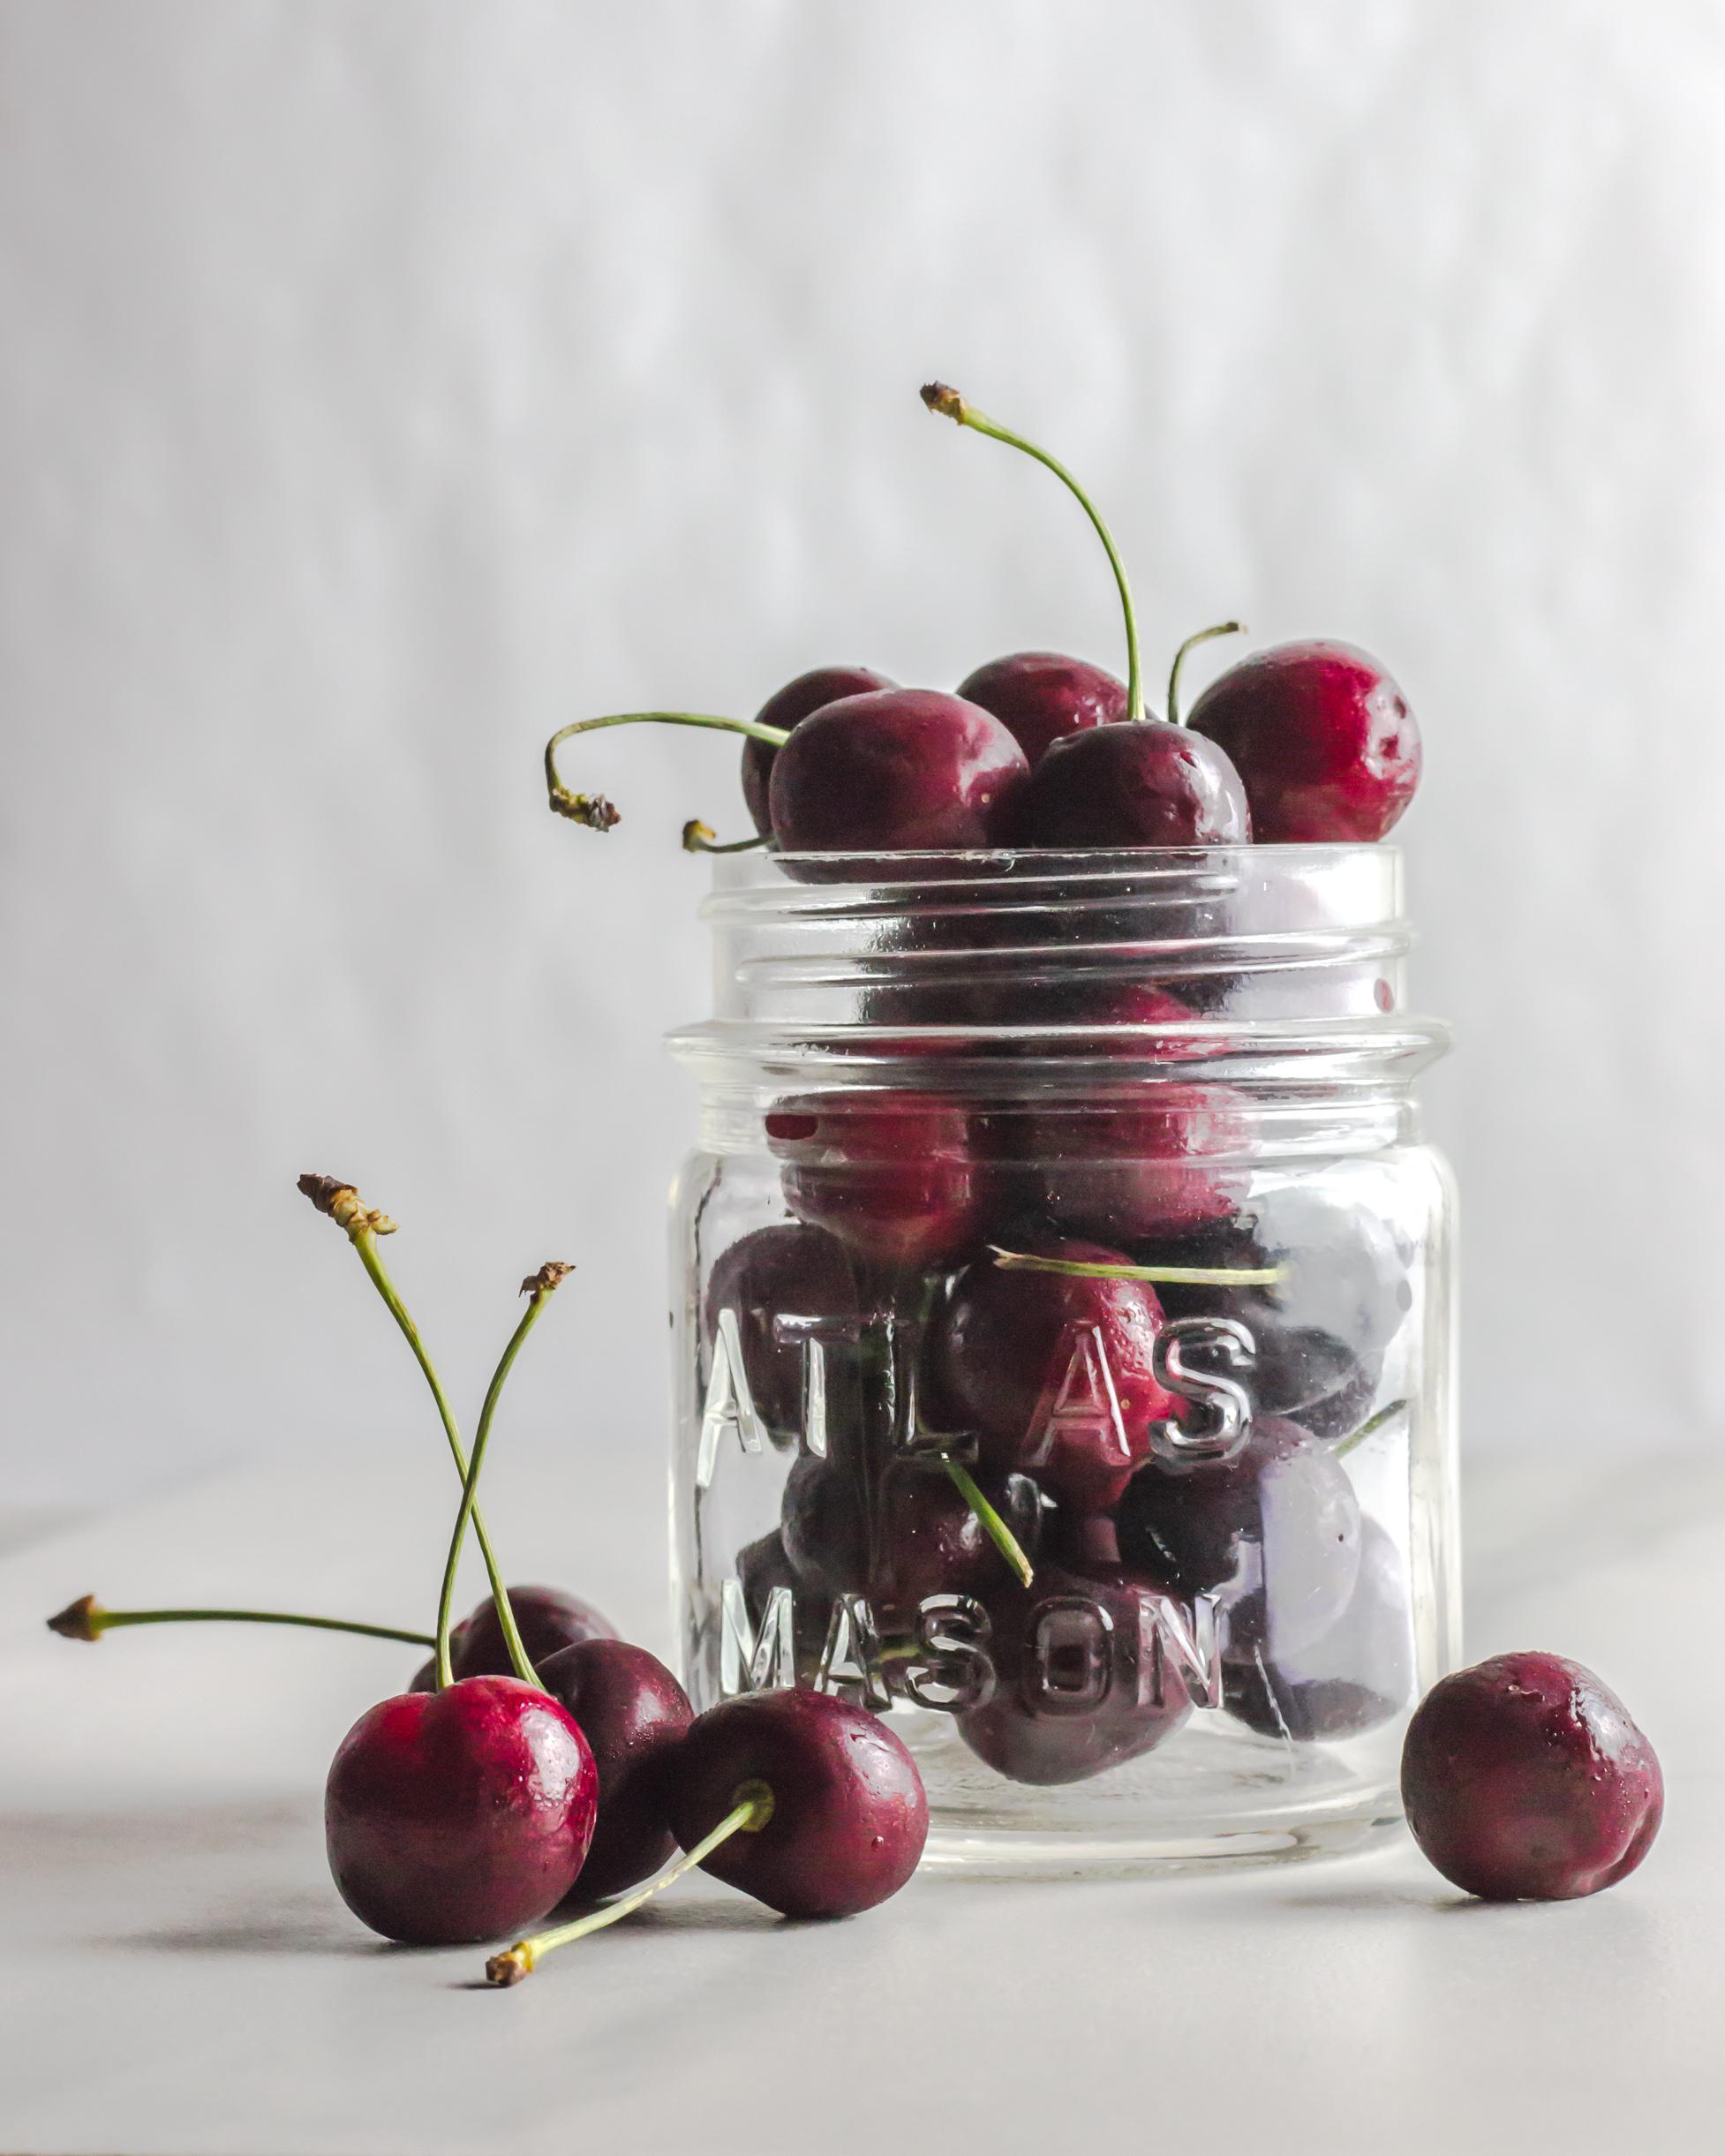 Cherries in Atlas  8x10.JPG